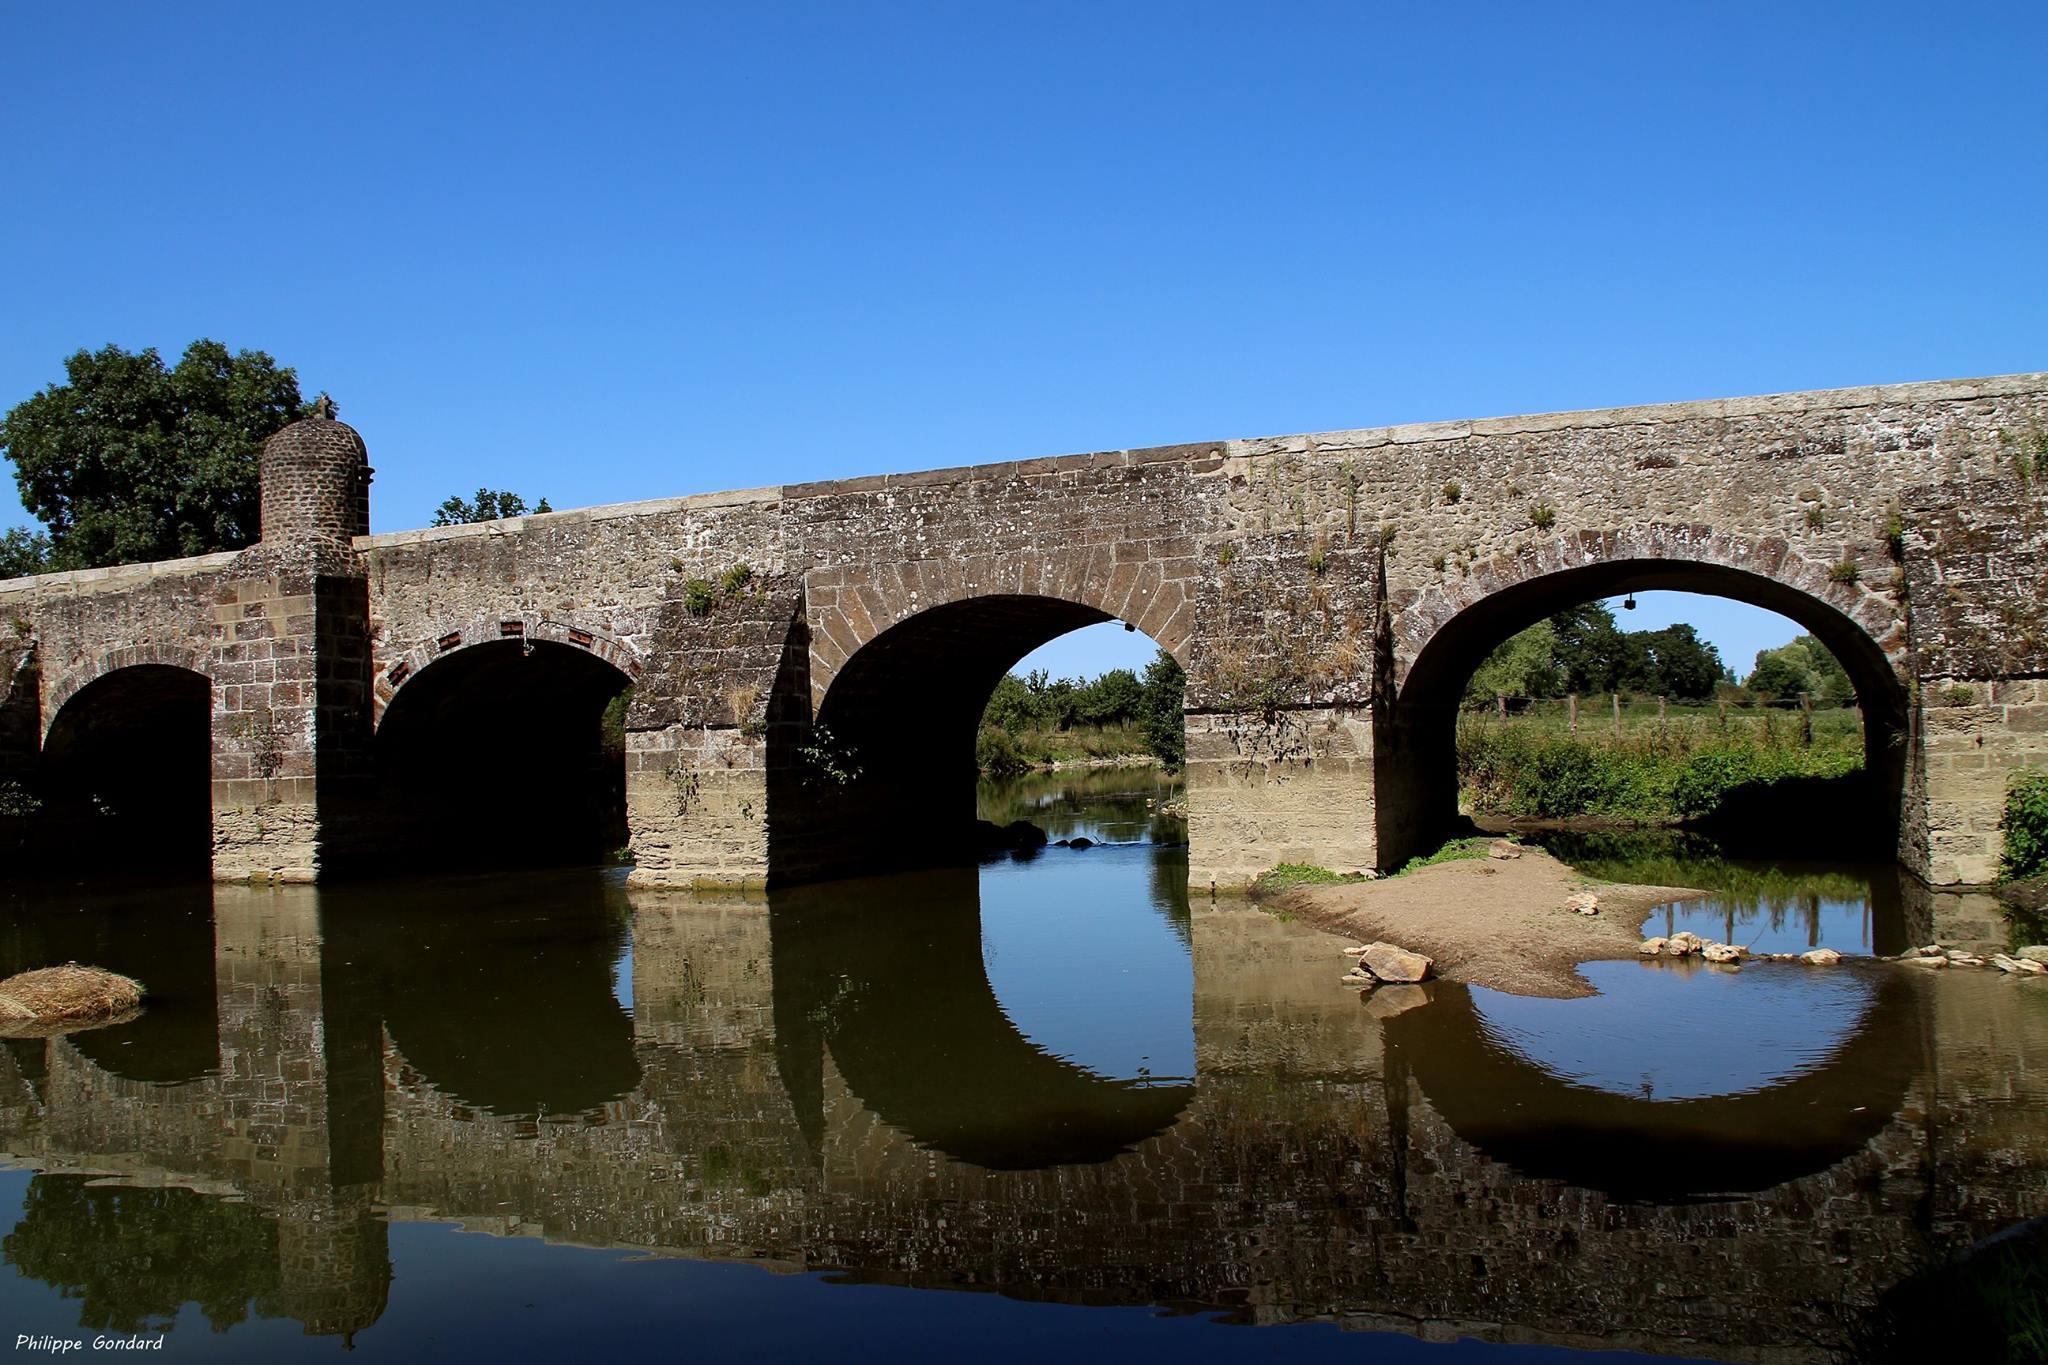 Saint Marceau - Pont daté du XVIIème siècle (Philippe Gondard)